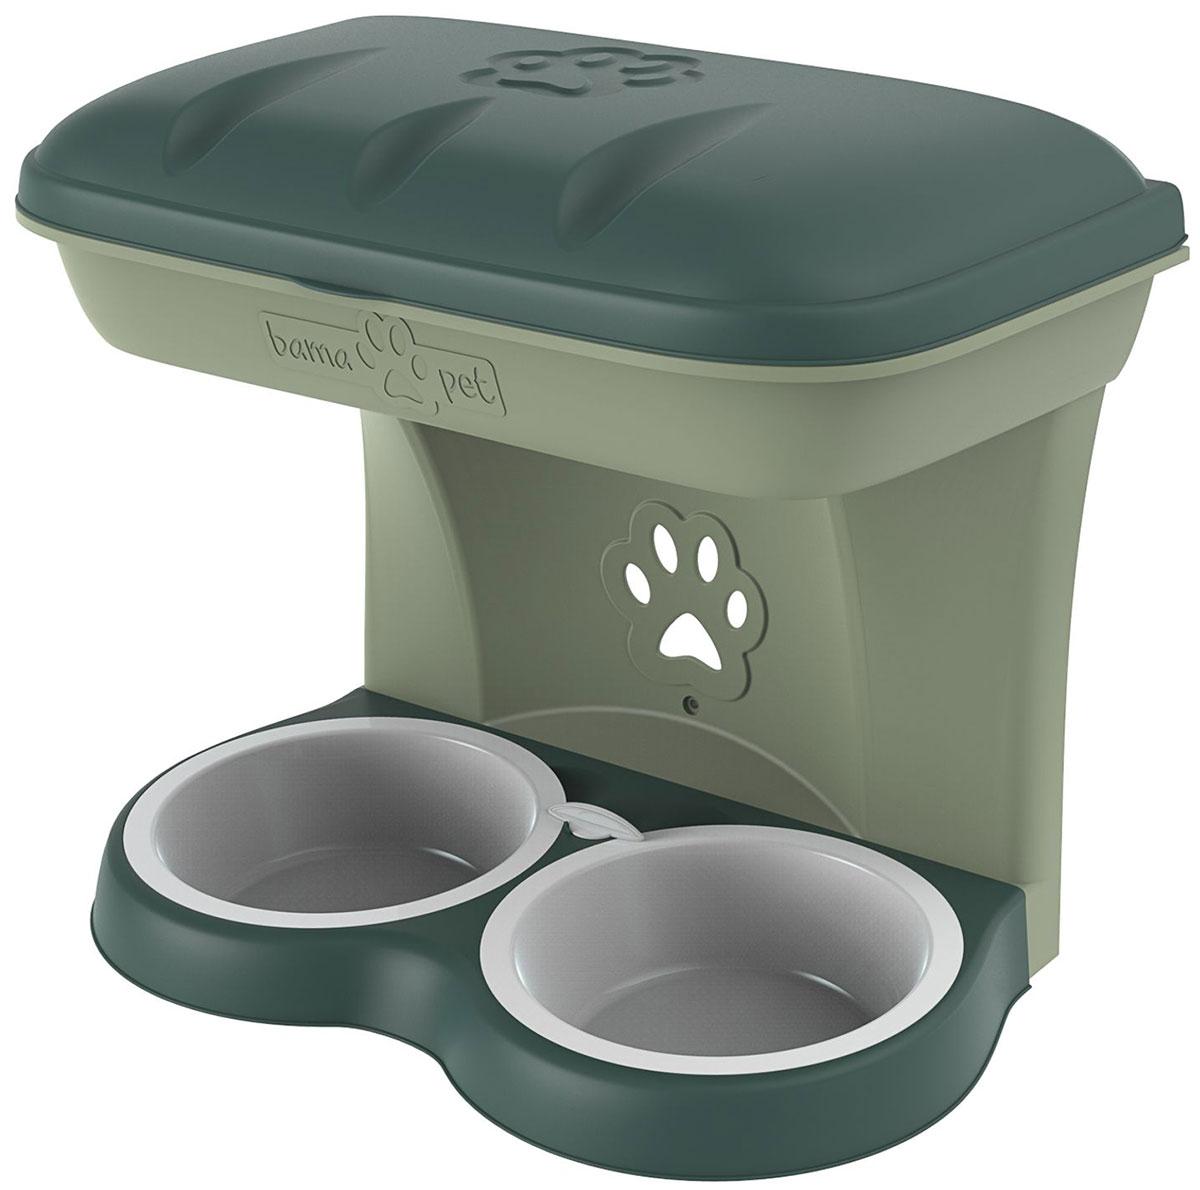 Миска настенная двойная для собак Bama Pet зеленая 2200 мл 50 х 29 х 52 см (1 шт)